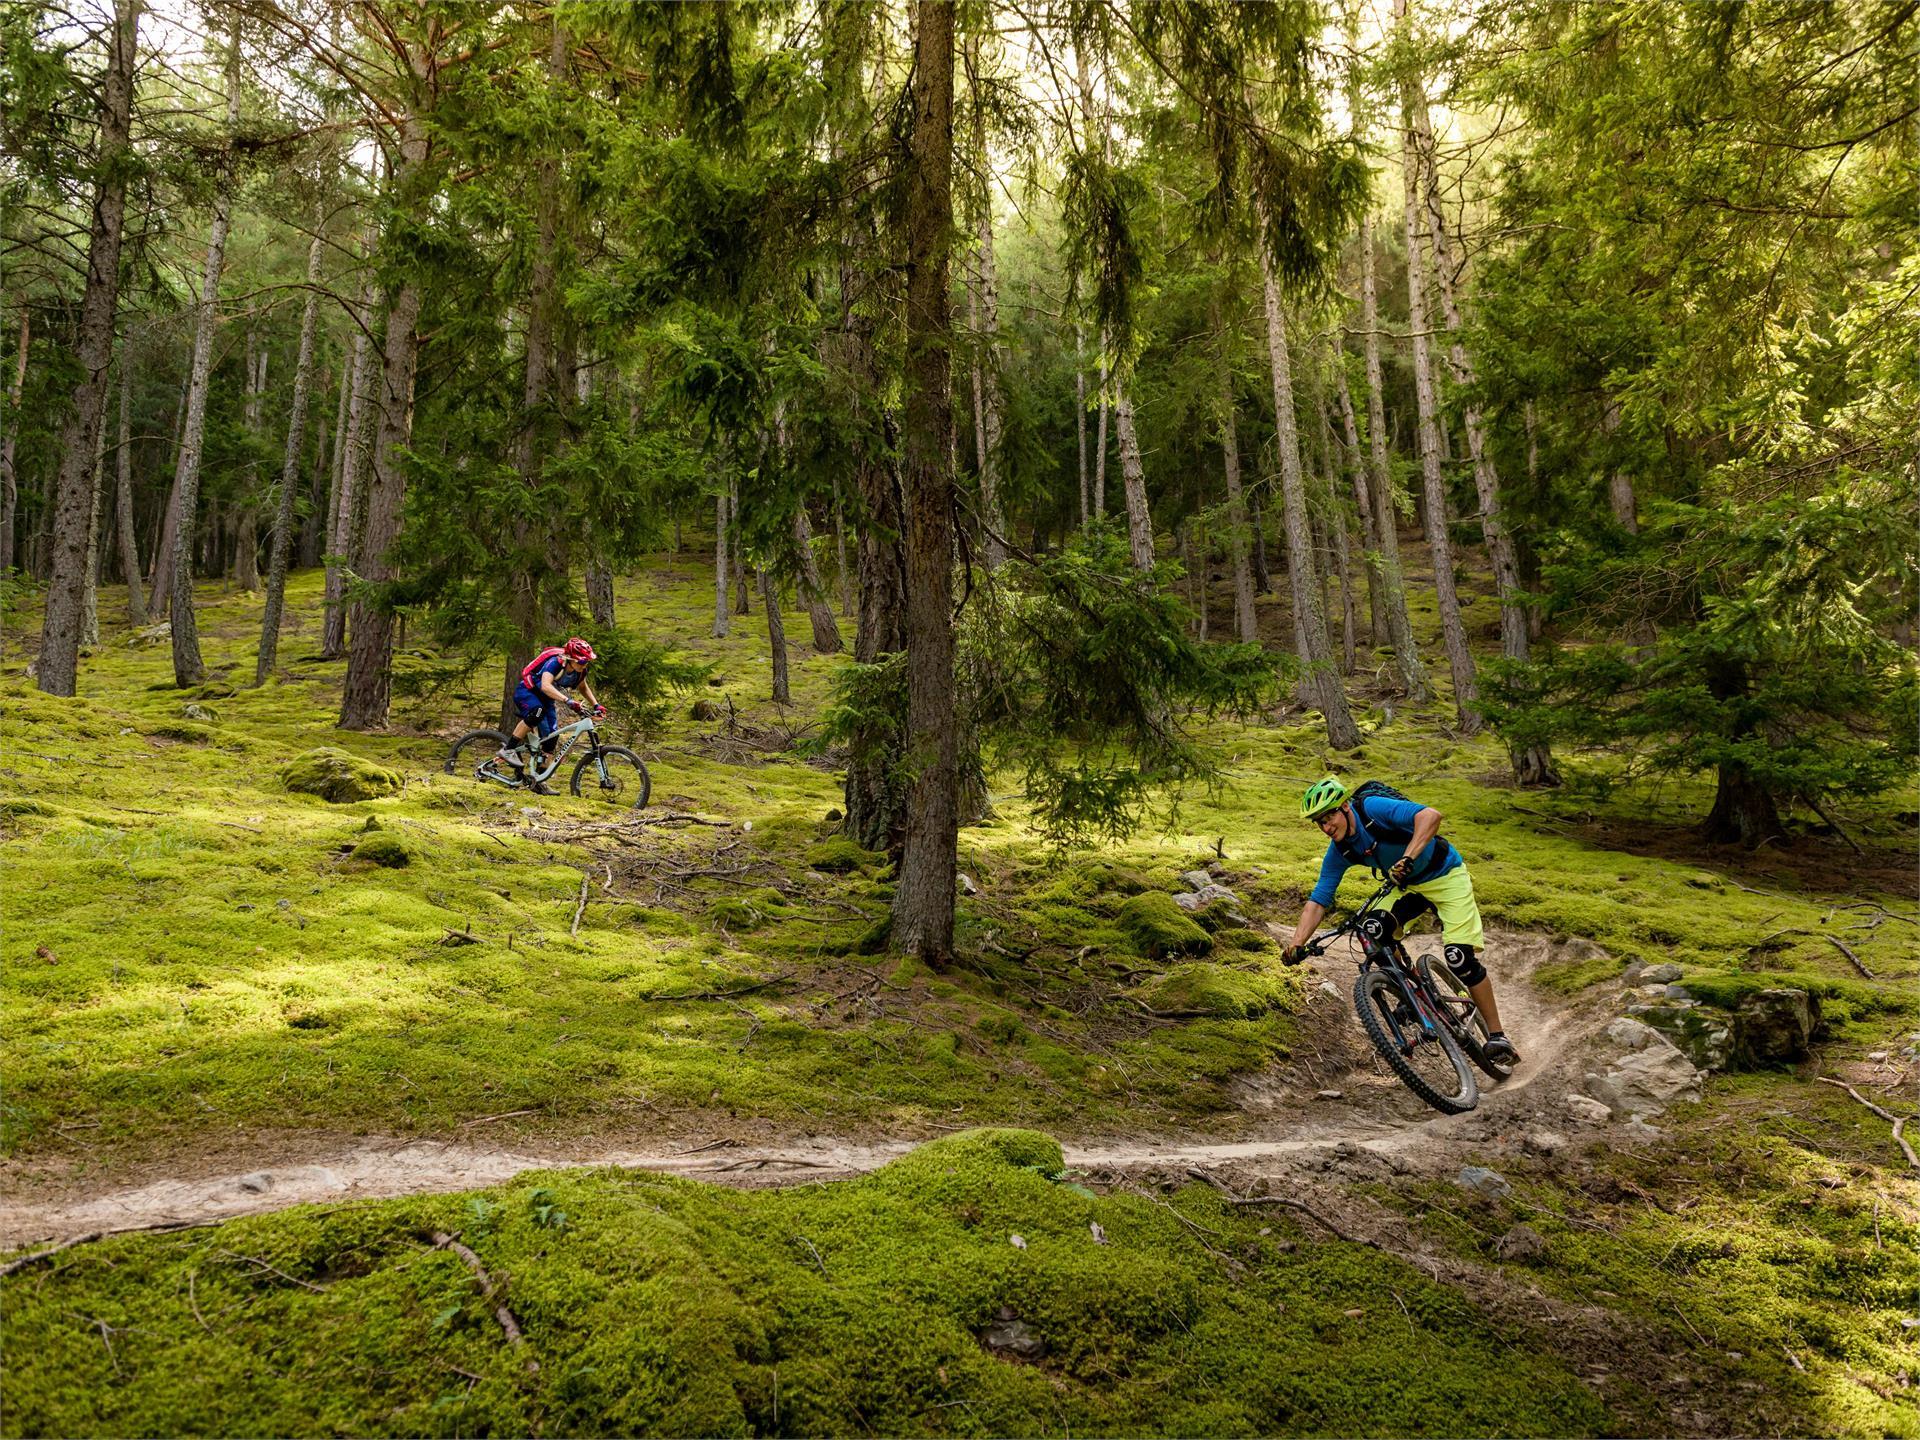 Roatbrunn Trail